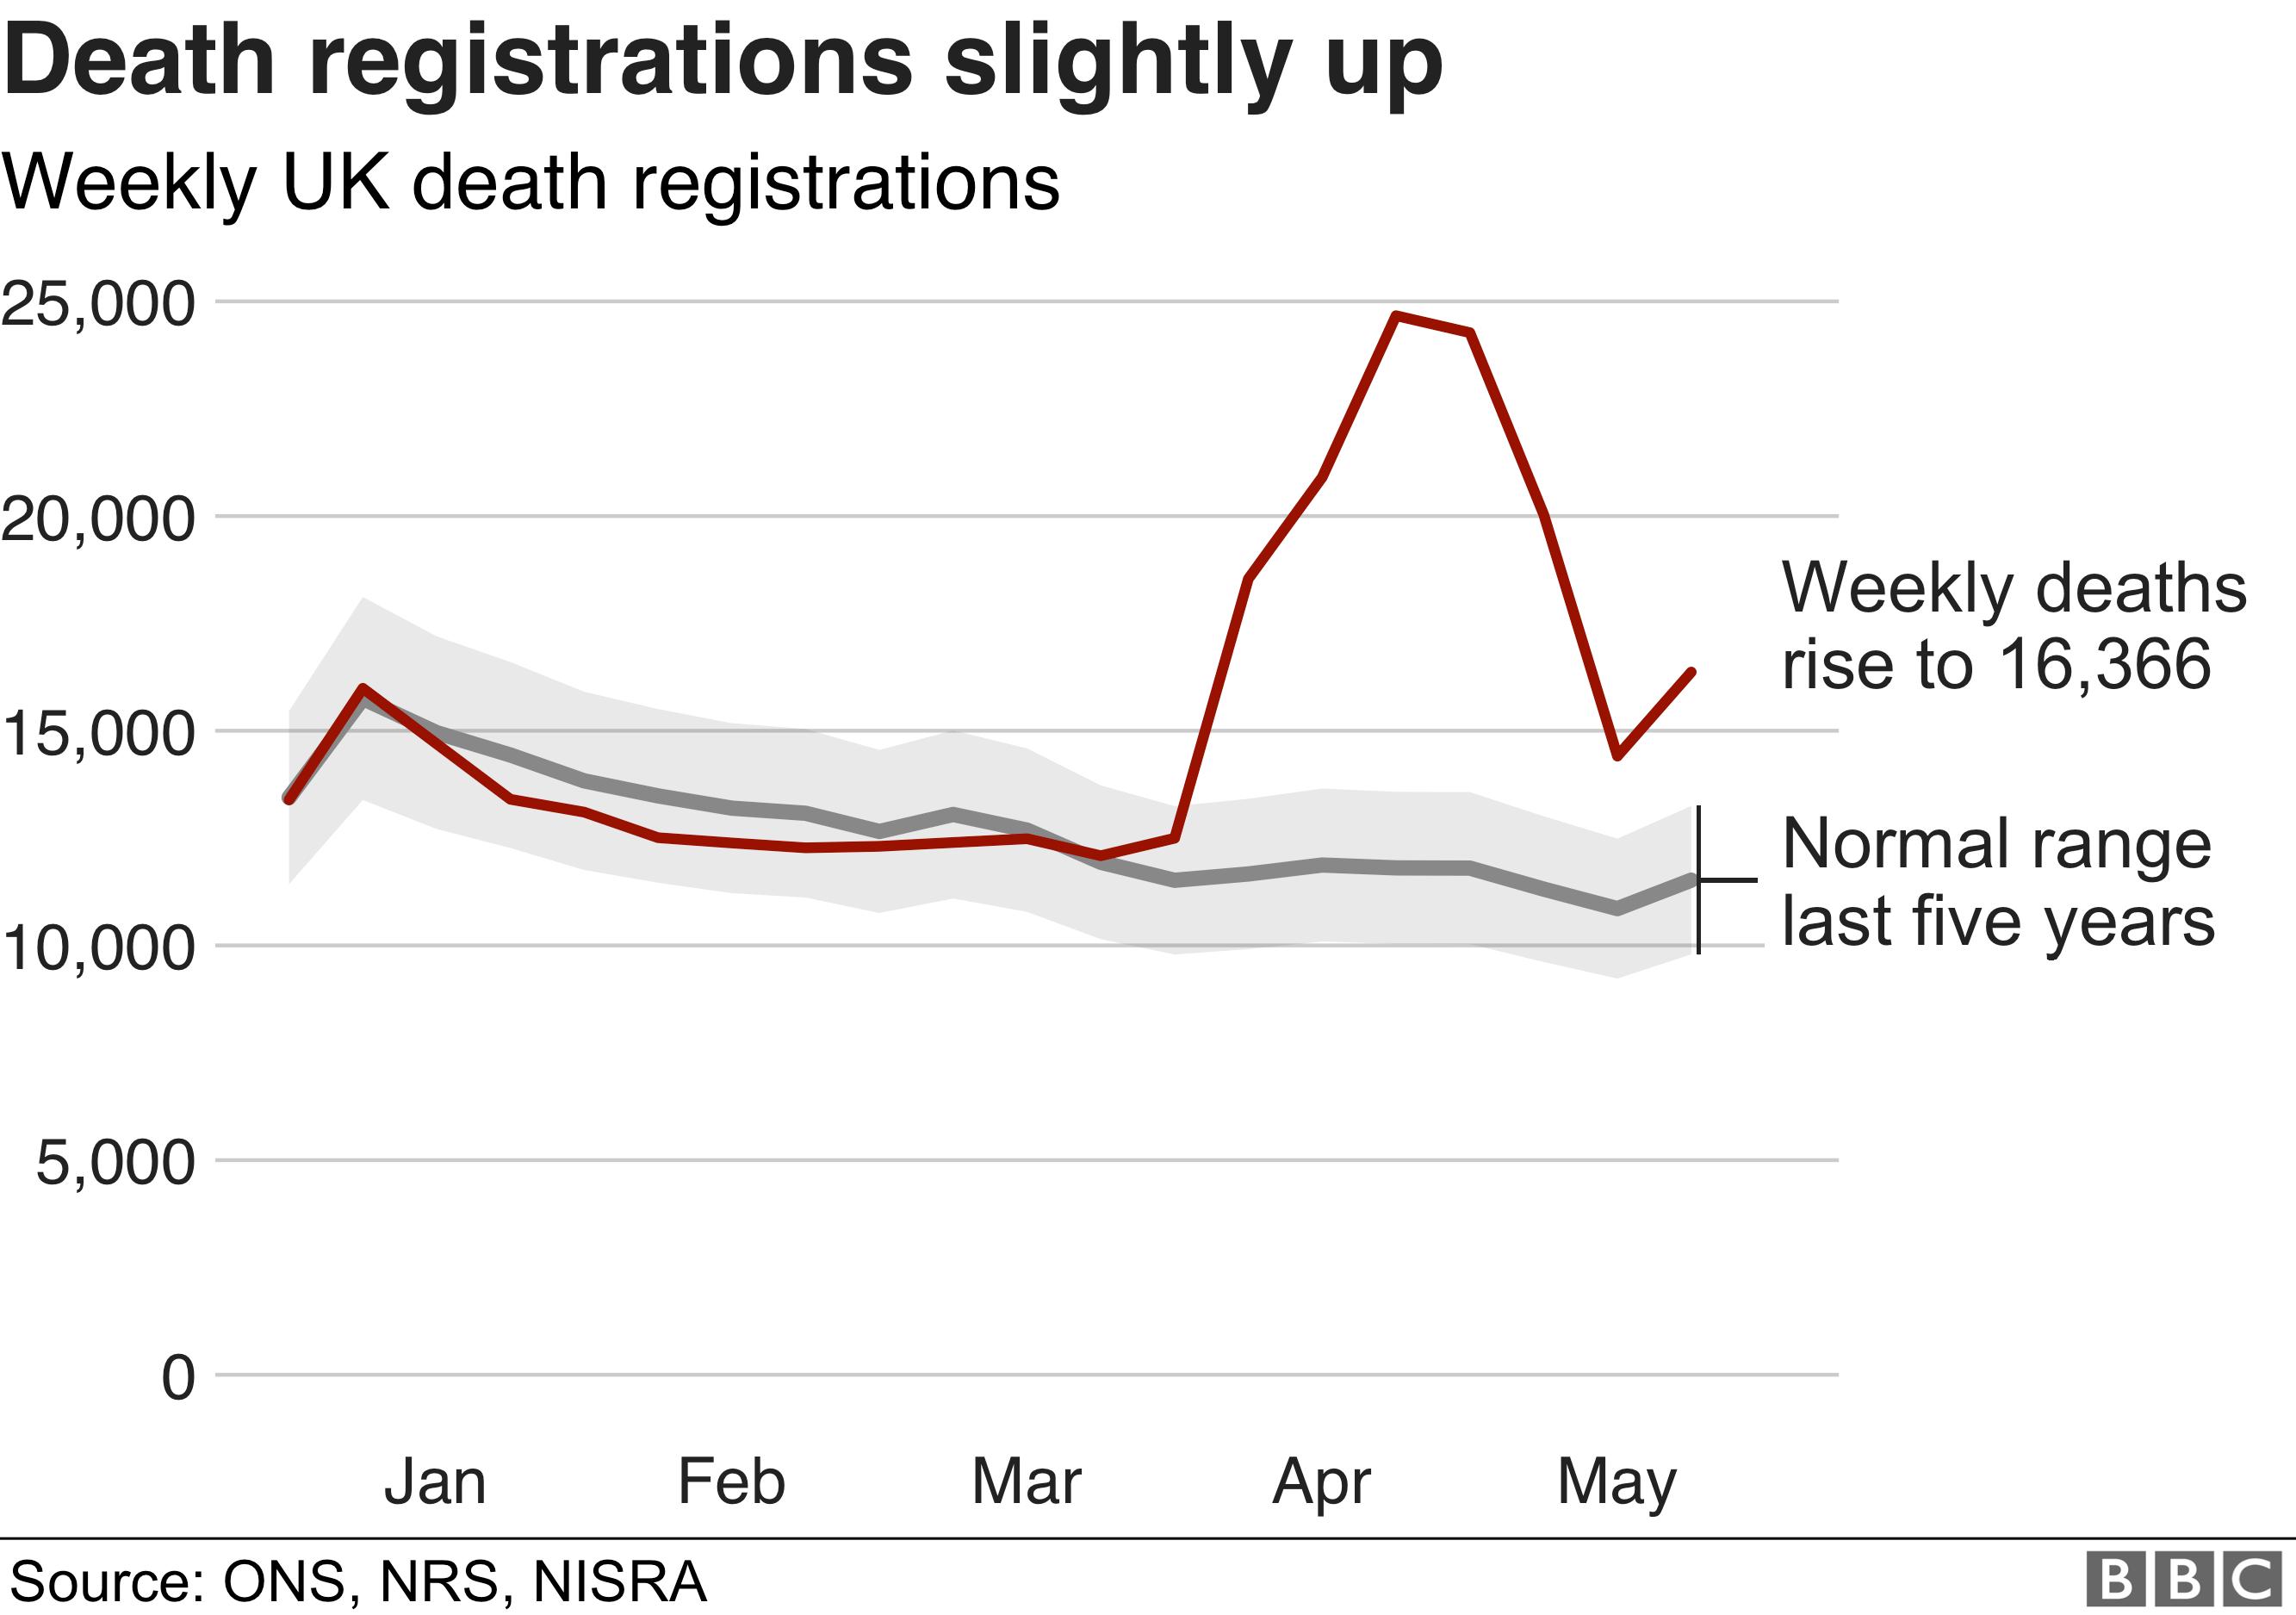 Weekly deaths